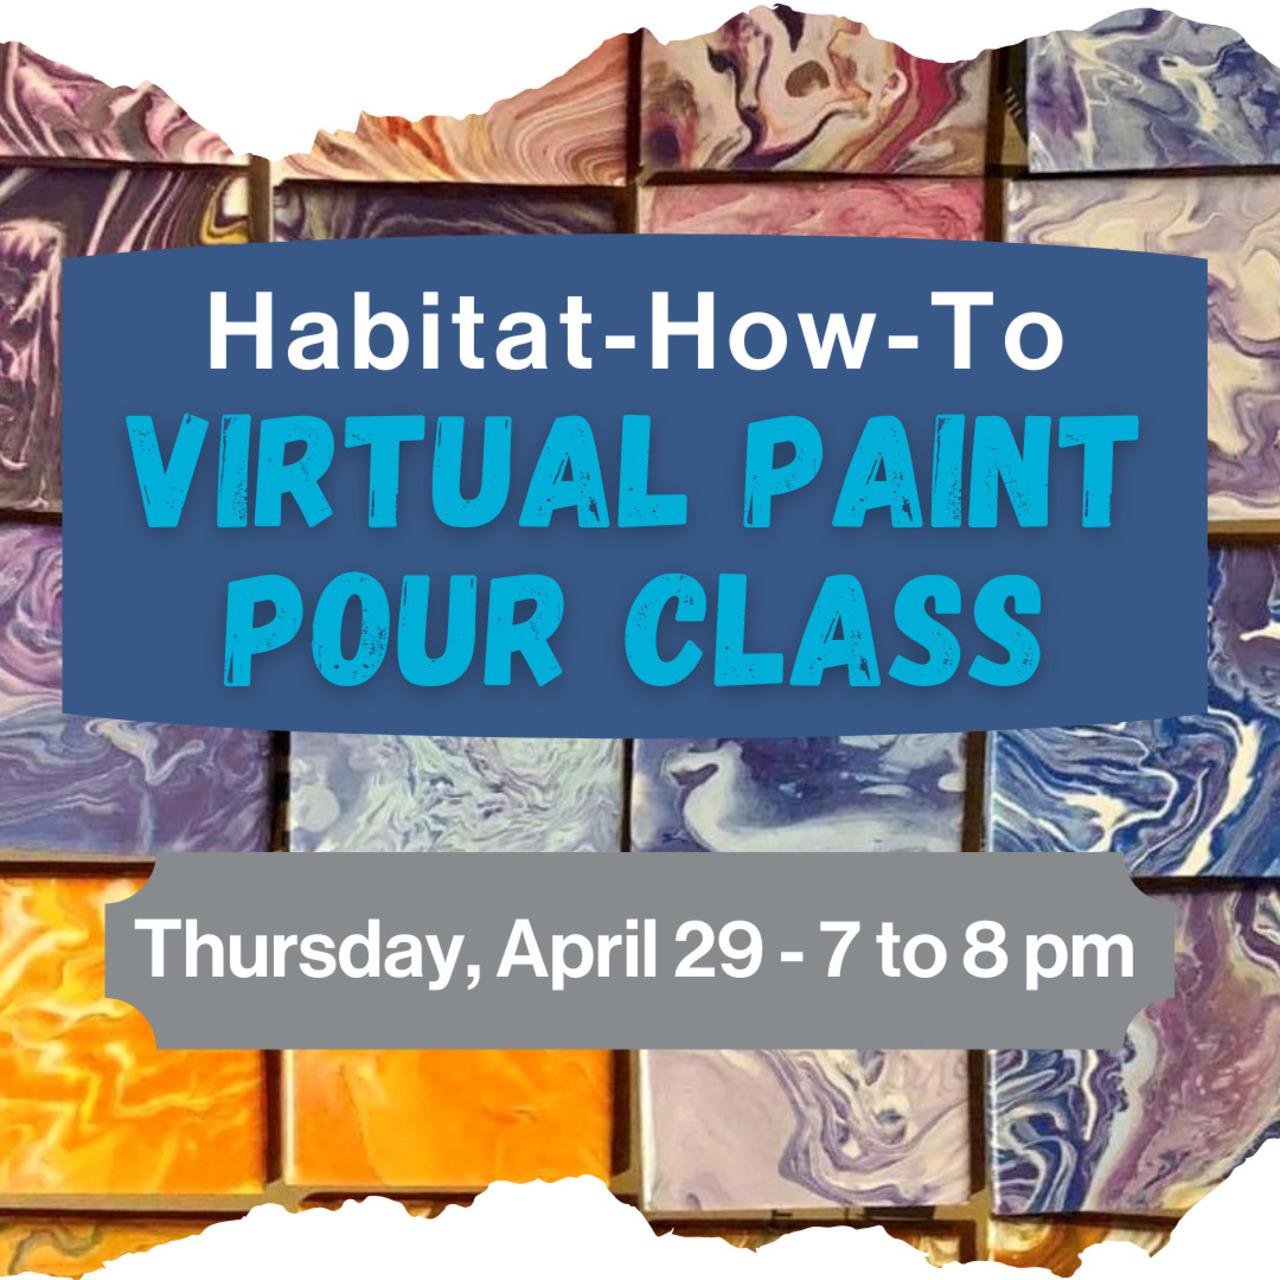 Paint Pour Class